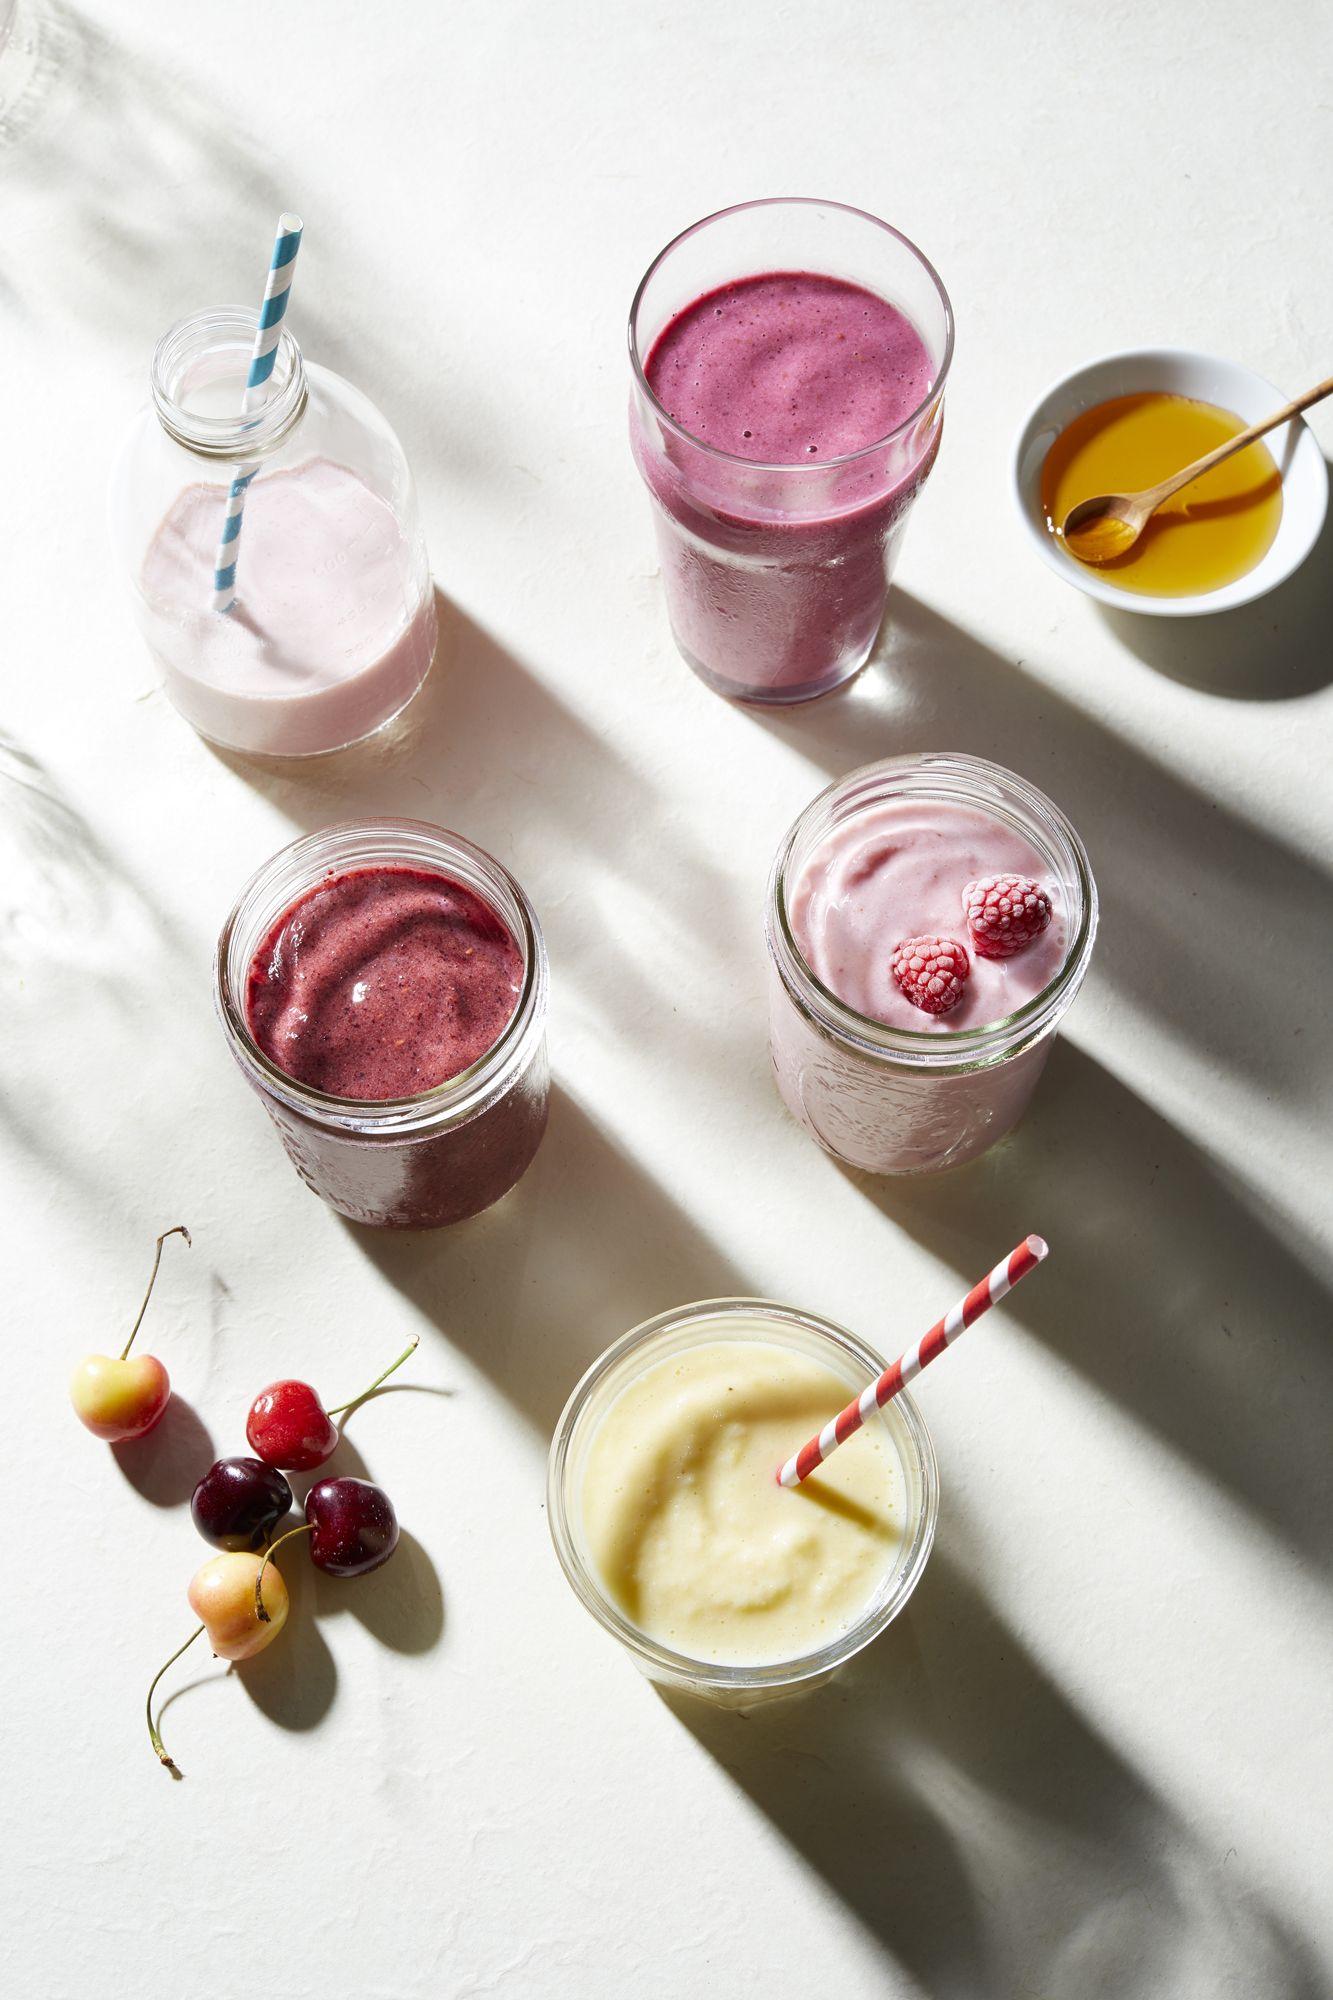 come fare il frullato di proteine a casa per perdere peso